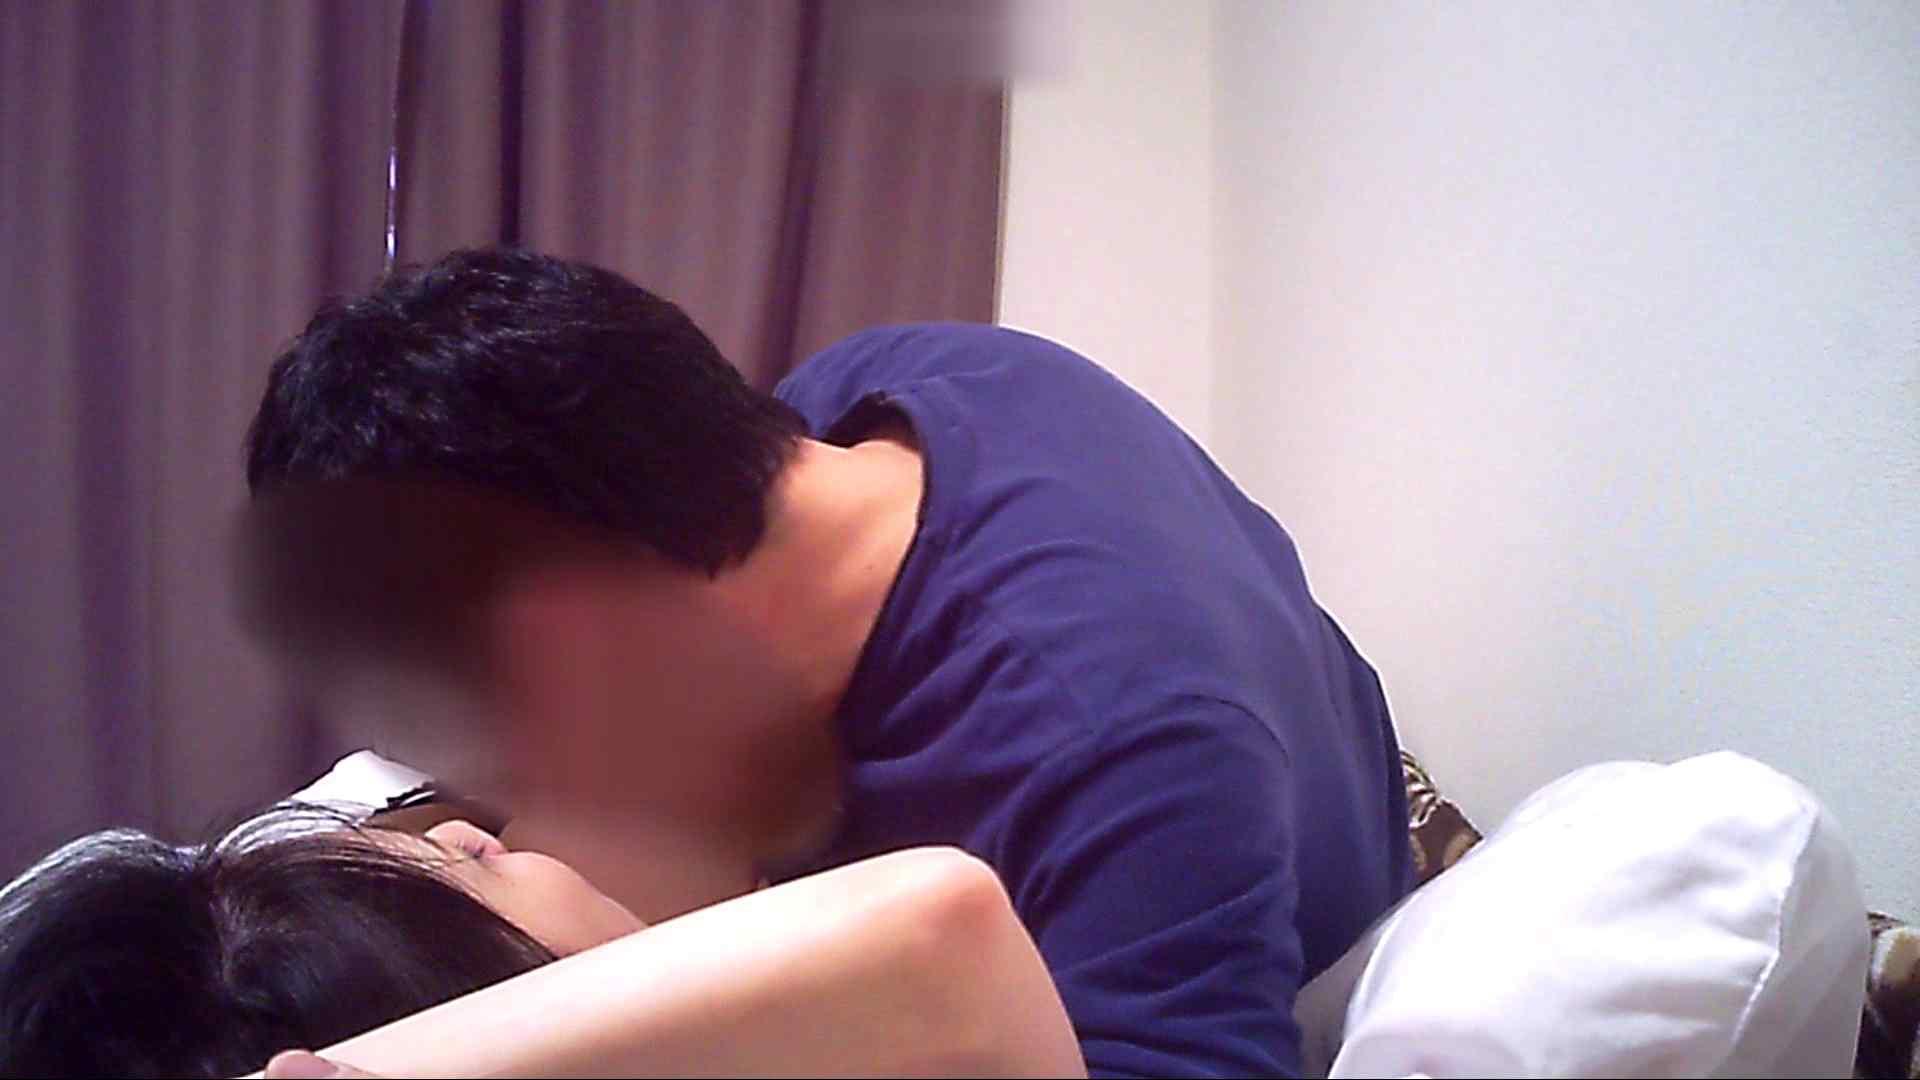 清楚な顔してかなり敏感なE子25歳(仮名)Vol.01 エッチなお姉さん AV動画キャプチャ 58画像 45